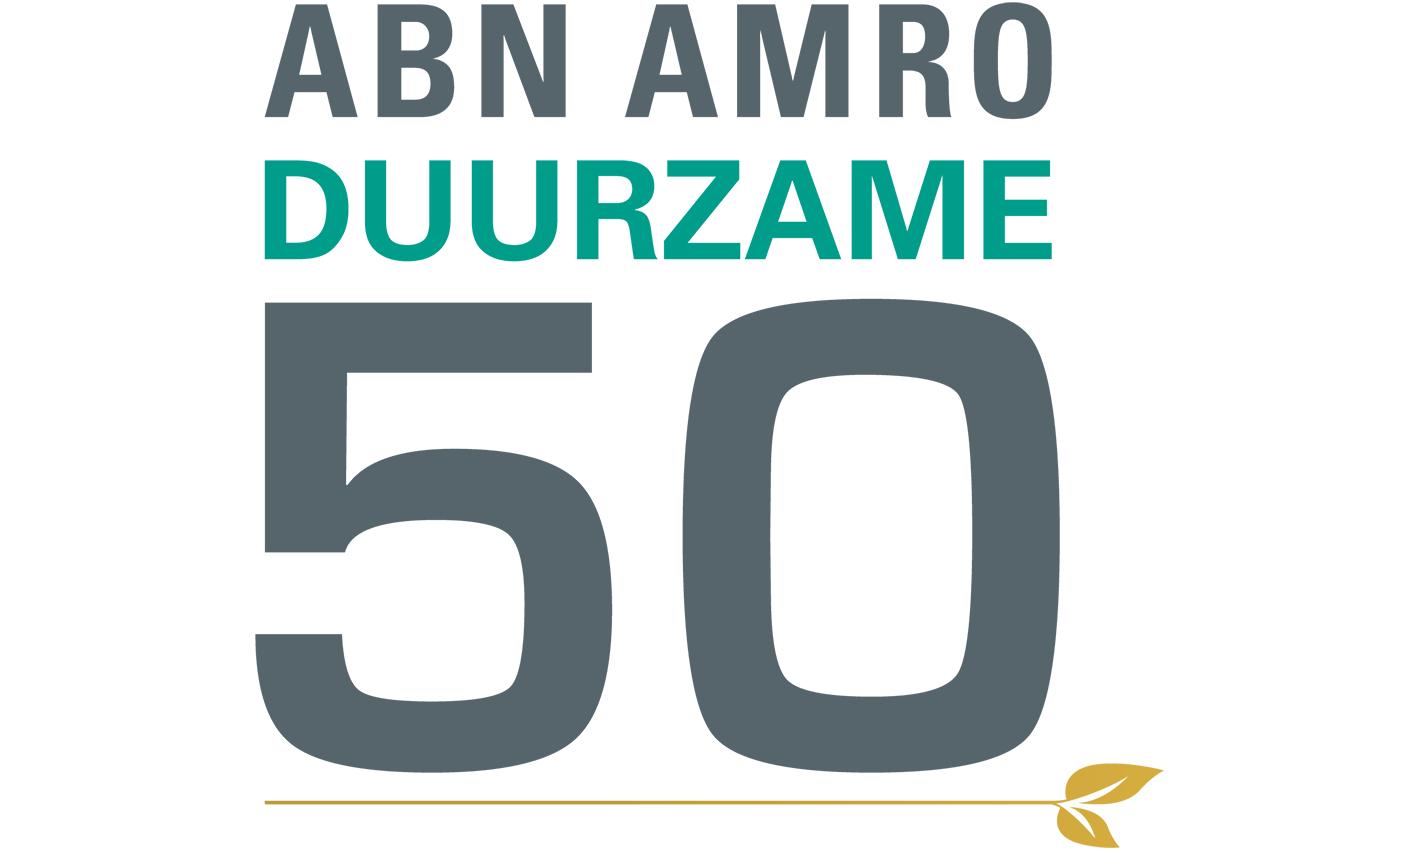 Logchies genomineerd voor de ABN AMRO Duurzame top 50